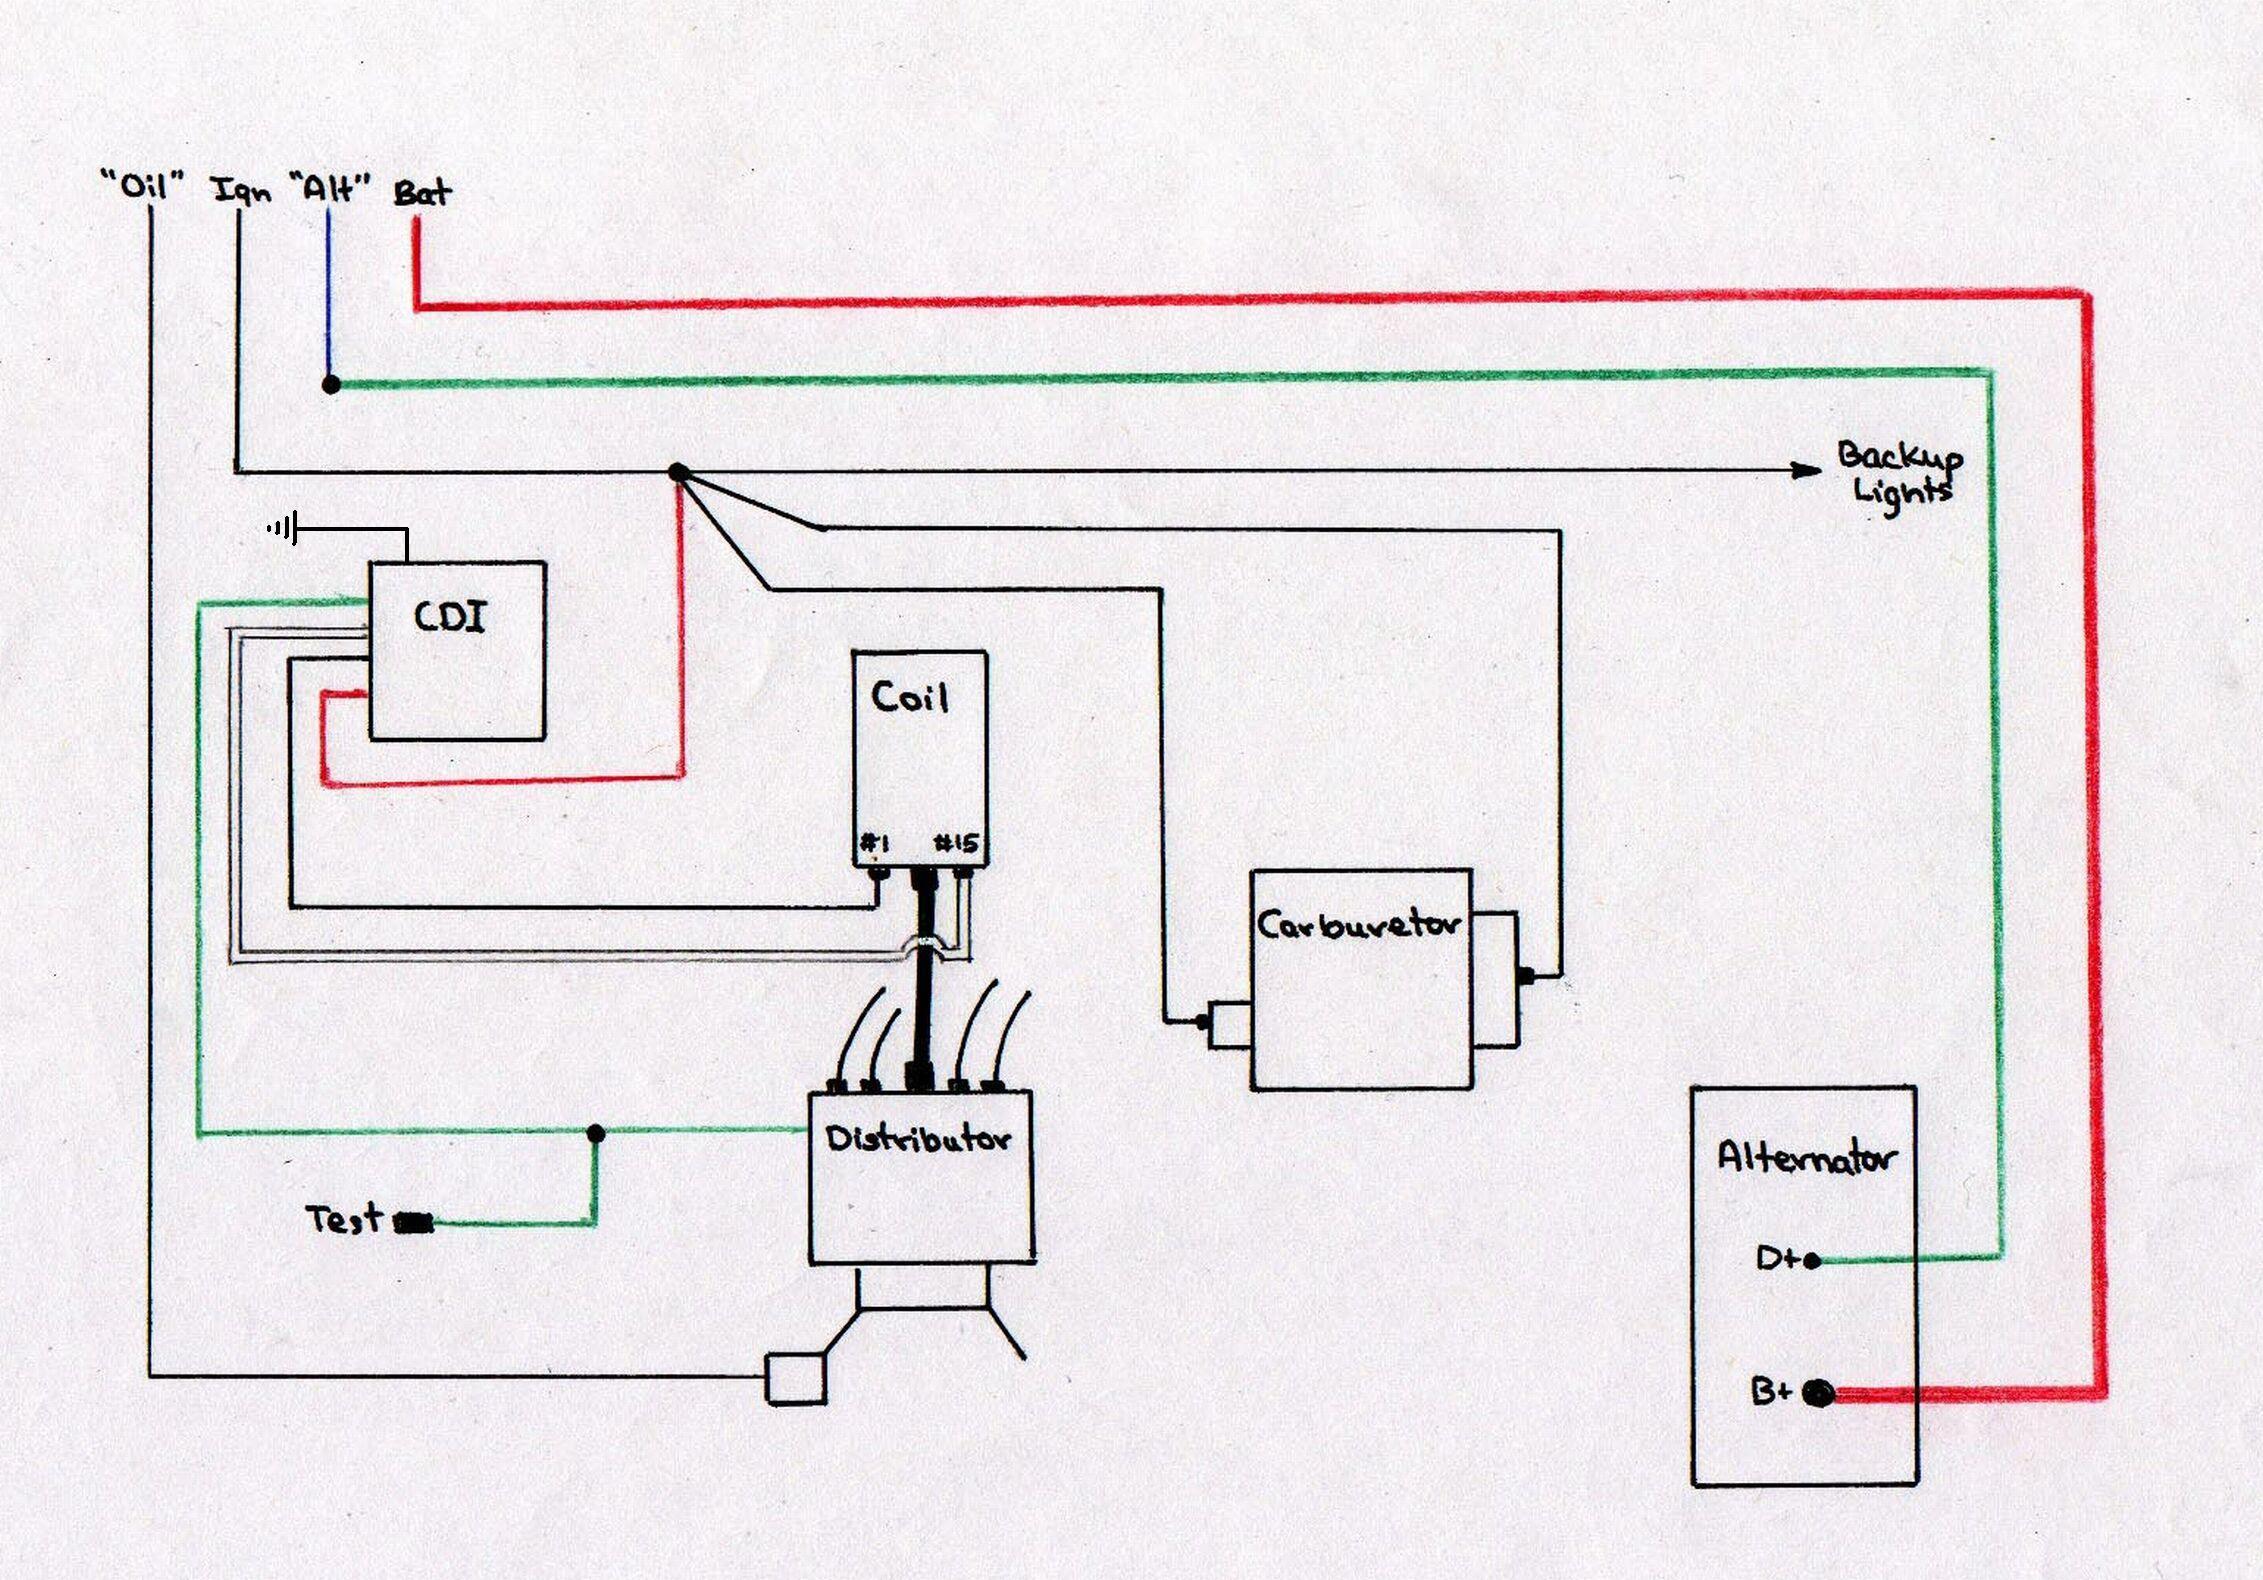 Vw Carburetor Wiring Diagram Car Audio Amplifier Wiring Diagram Schematics Source Lanjut Wa3 Jeanjaures37 Fr